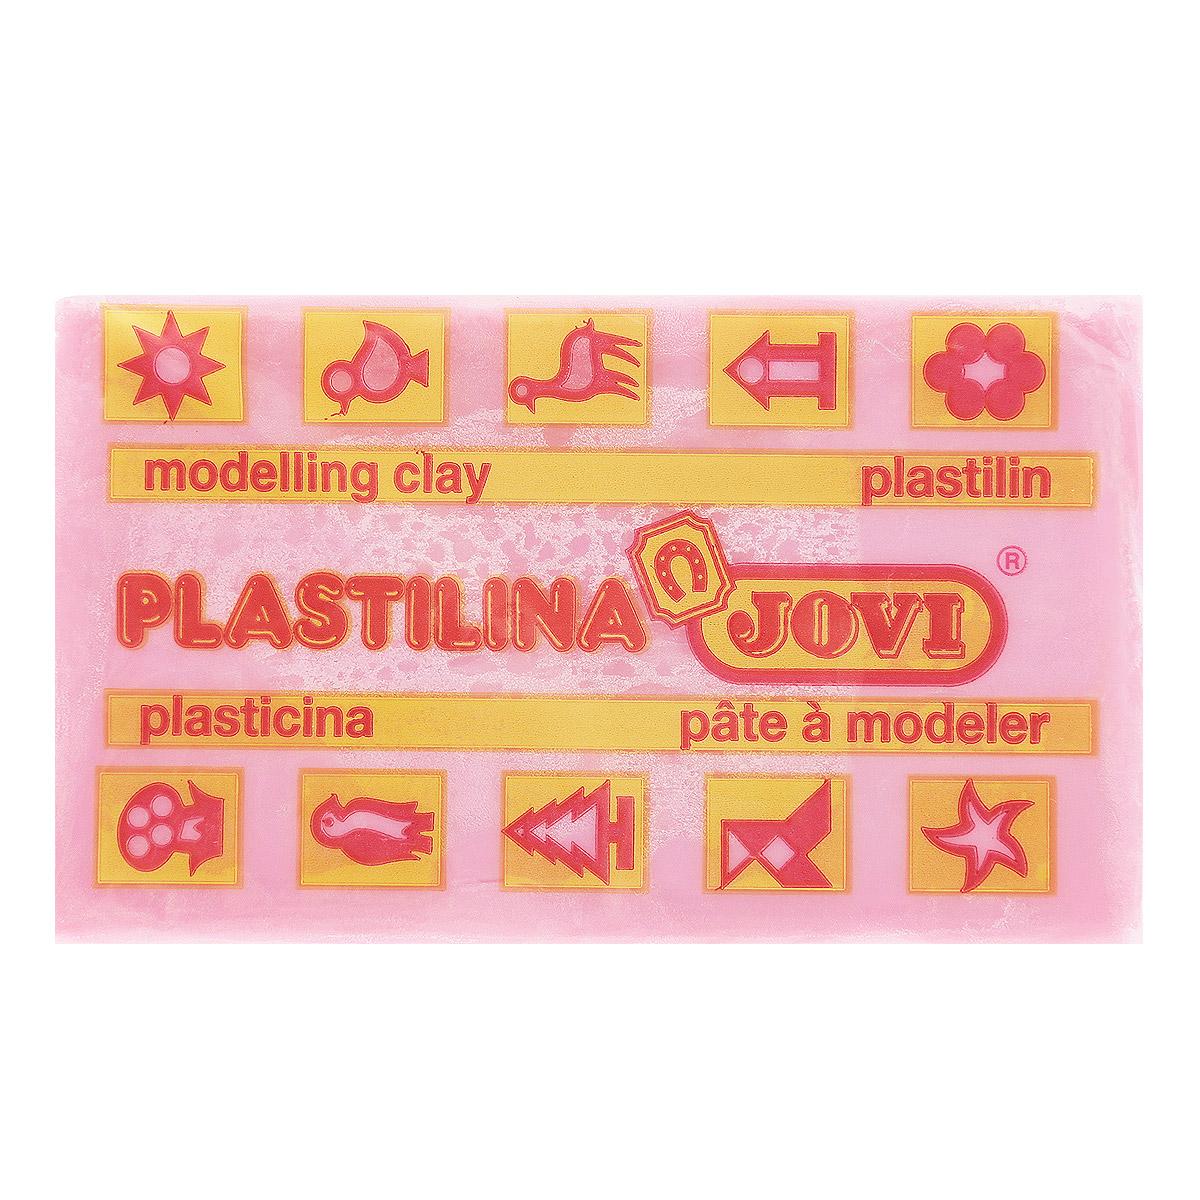 Jovi Пластилин, цвет: розовый, 50 г17С 1172-08Пластилин Jovi - лучший выбор для лепки, он обладает превосходными изобразительными возможностями и поэтому дает простор воображению и самым смелым творческим замыслам. Пластилин, изготовленный на растительной основе, очень мягкий, легко разминается и смешивается, не пачкает руки и не прилипает к рабочей поверхности. Пластилин пригоден для создания аппликаций и поделок, ручной лепки, моделирования на каркасе, пластилиновой живописи - рисовании пластилином по бумаге, картону, дереву или текстилю. Пластические свойства сохраняются в течение 5 лет.